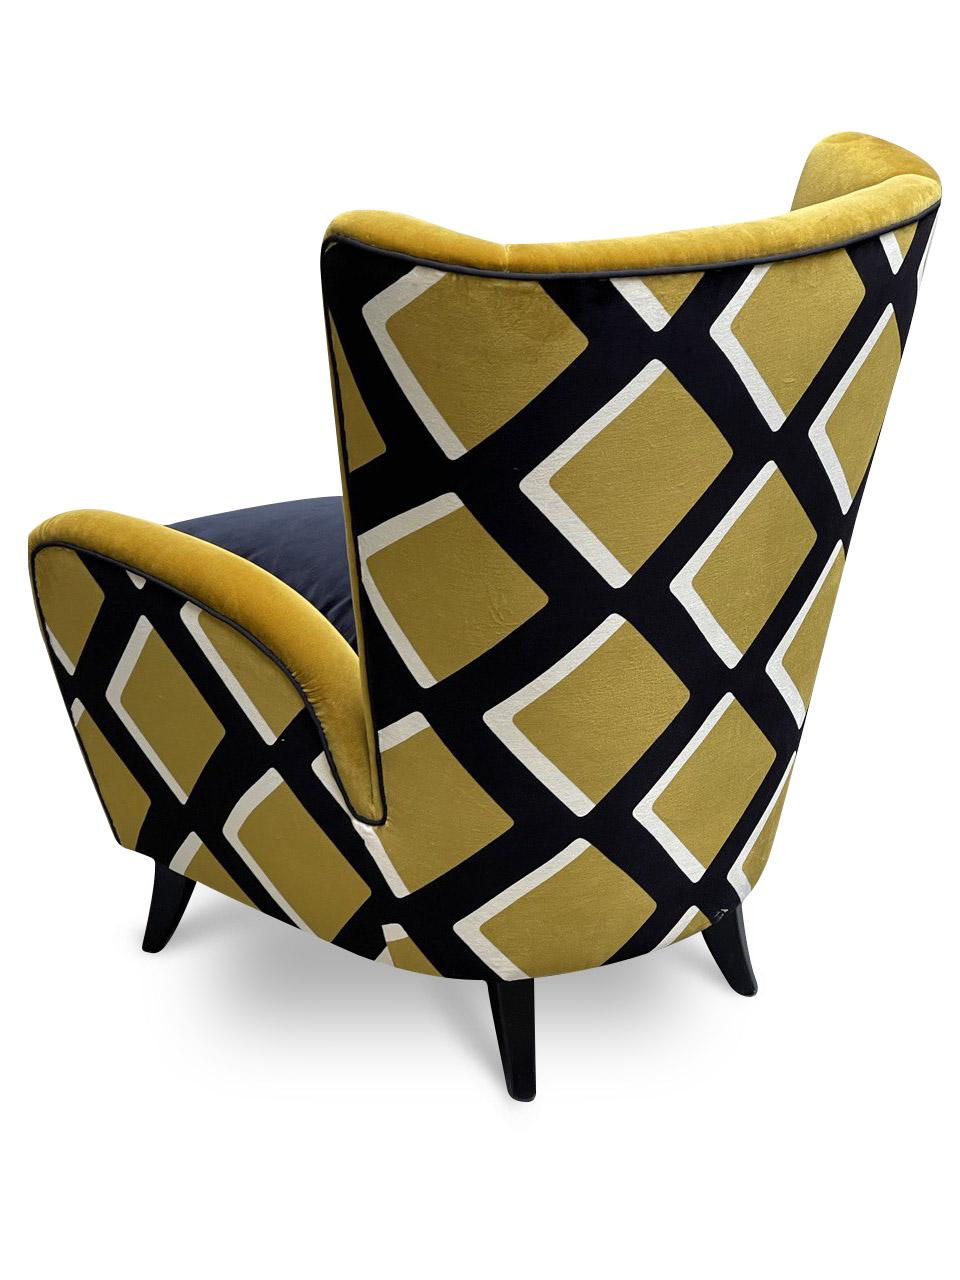 poltrone mid centuy rmodern armchair india